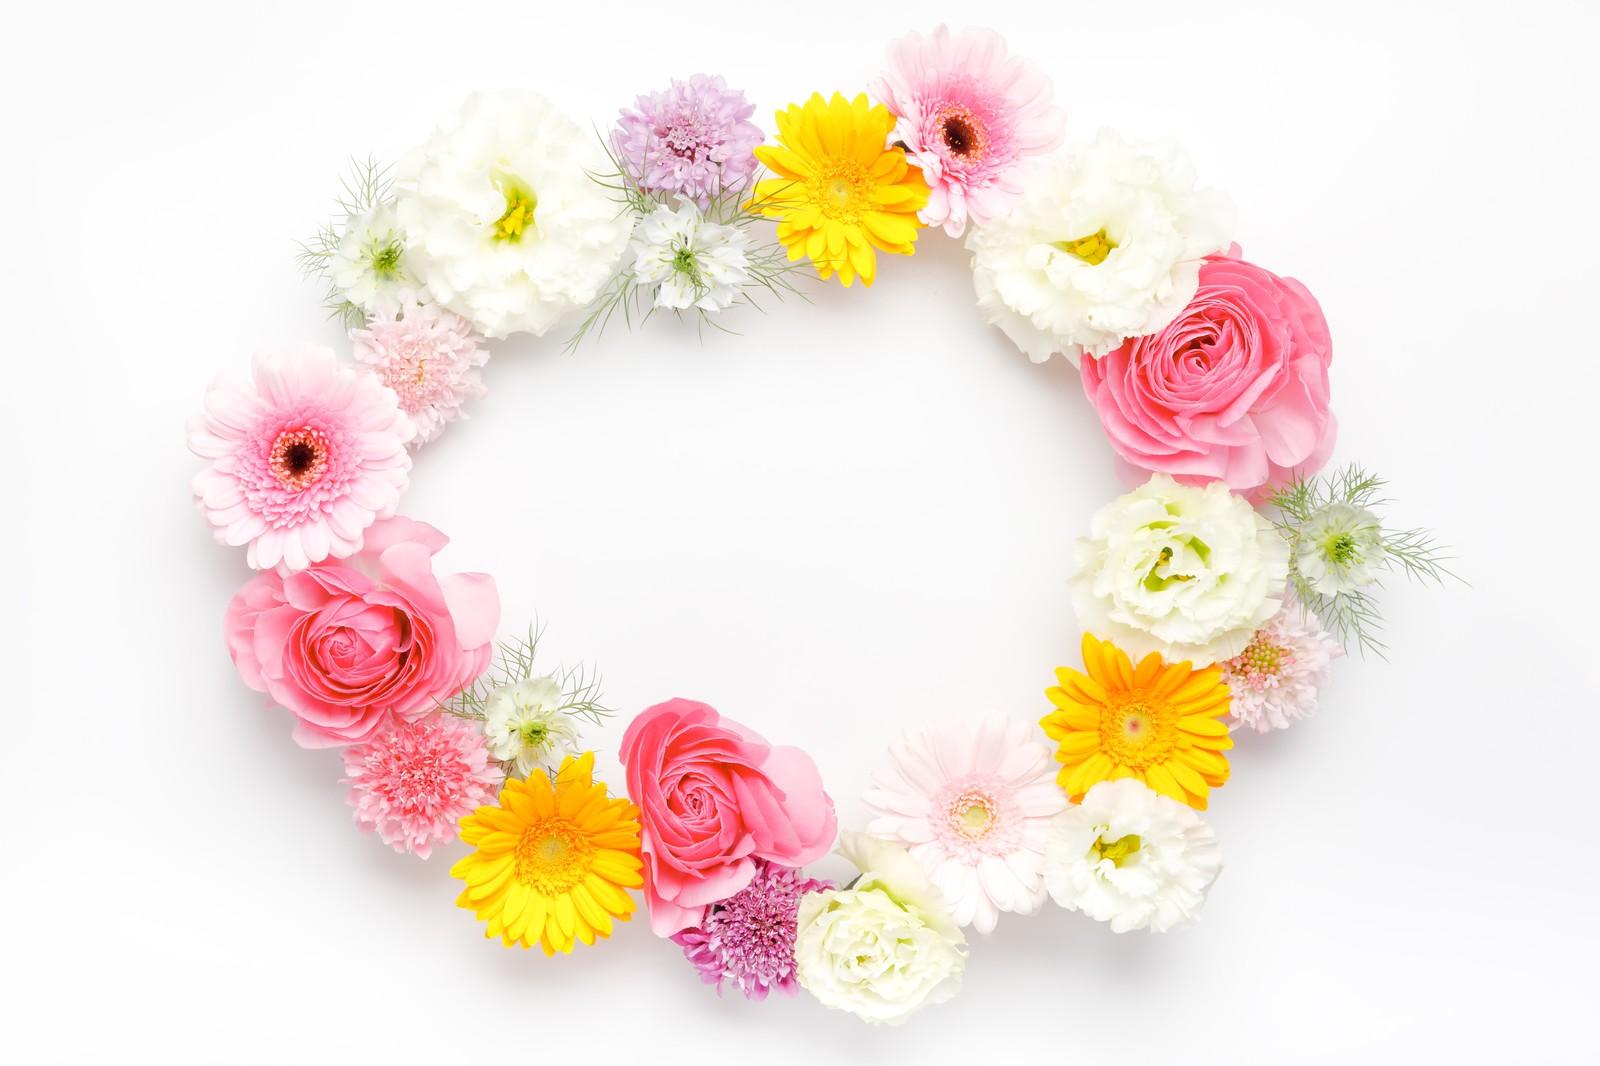 花言葉でHAPPYに!『幸せ』や『幸福』の意味をもつ未来を運ぶ草花たち